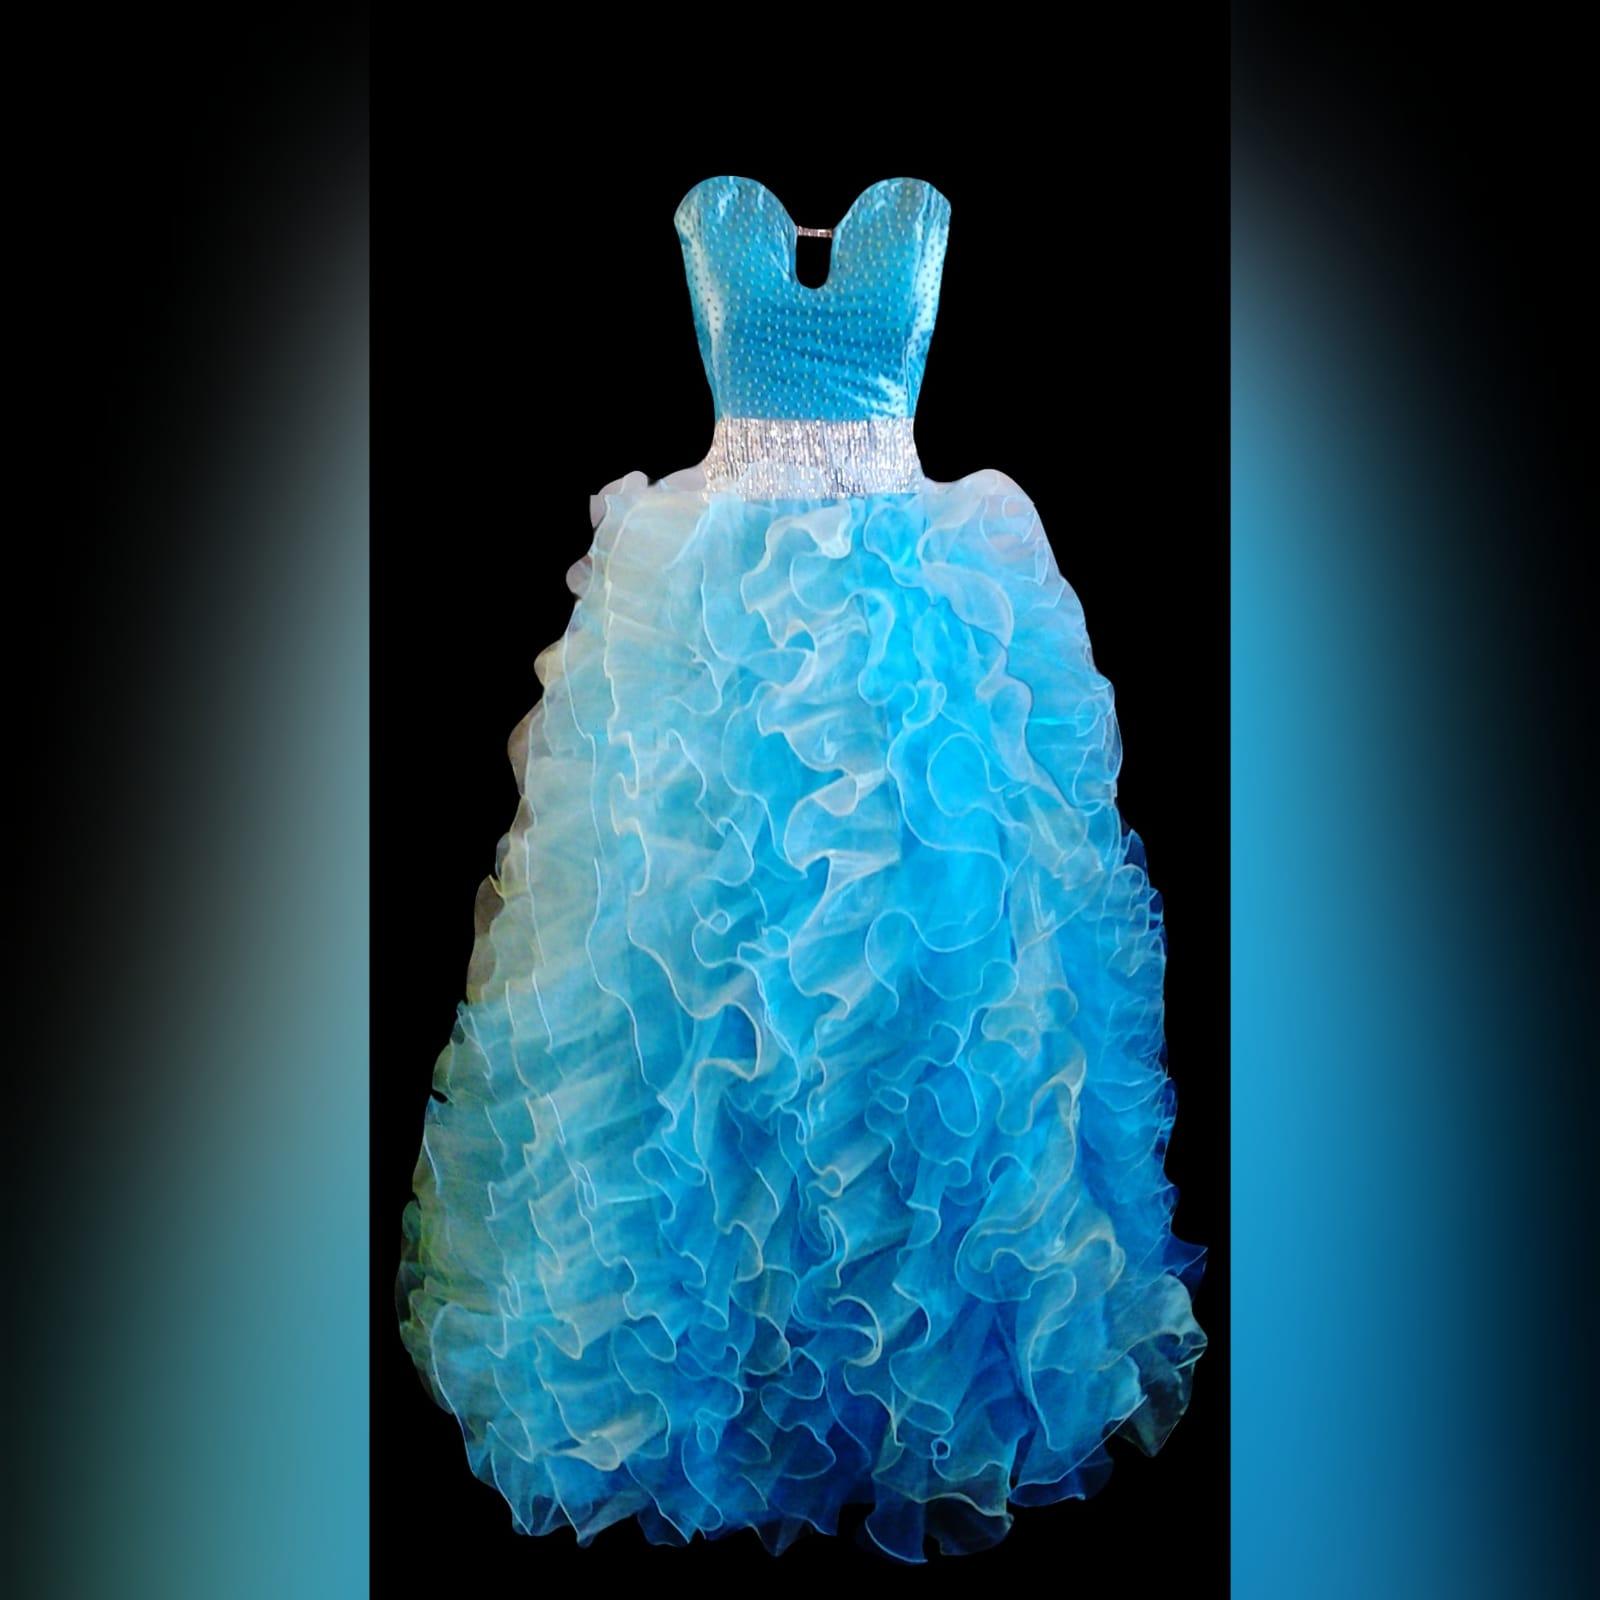 Vestido de finalistas princesa 3 cores 6 vestido de finalistas princesa 3 cores. Corpete com pedraria espalhada, com um cinto prateado largo, fundo completamente de folhos.